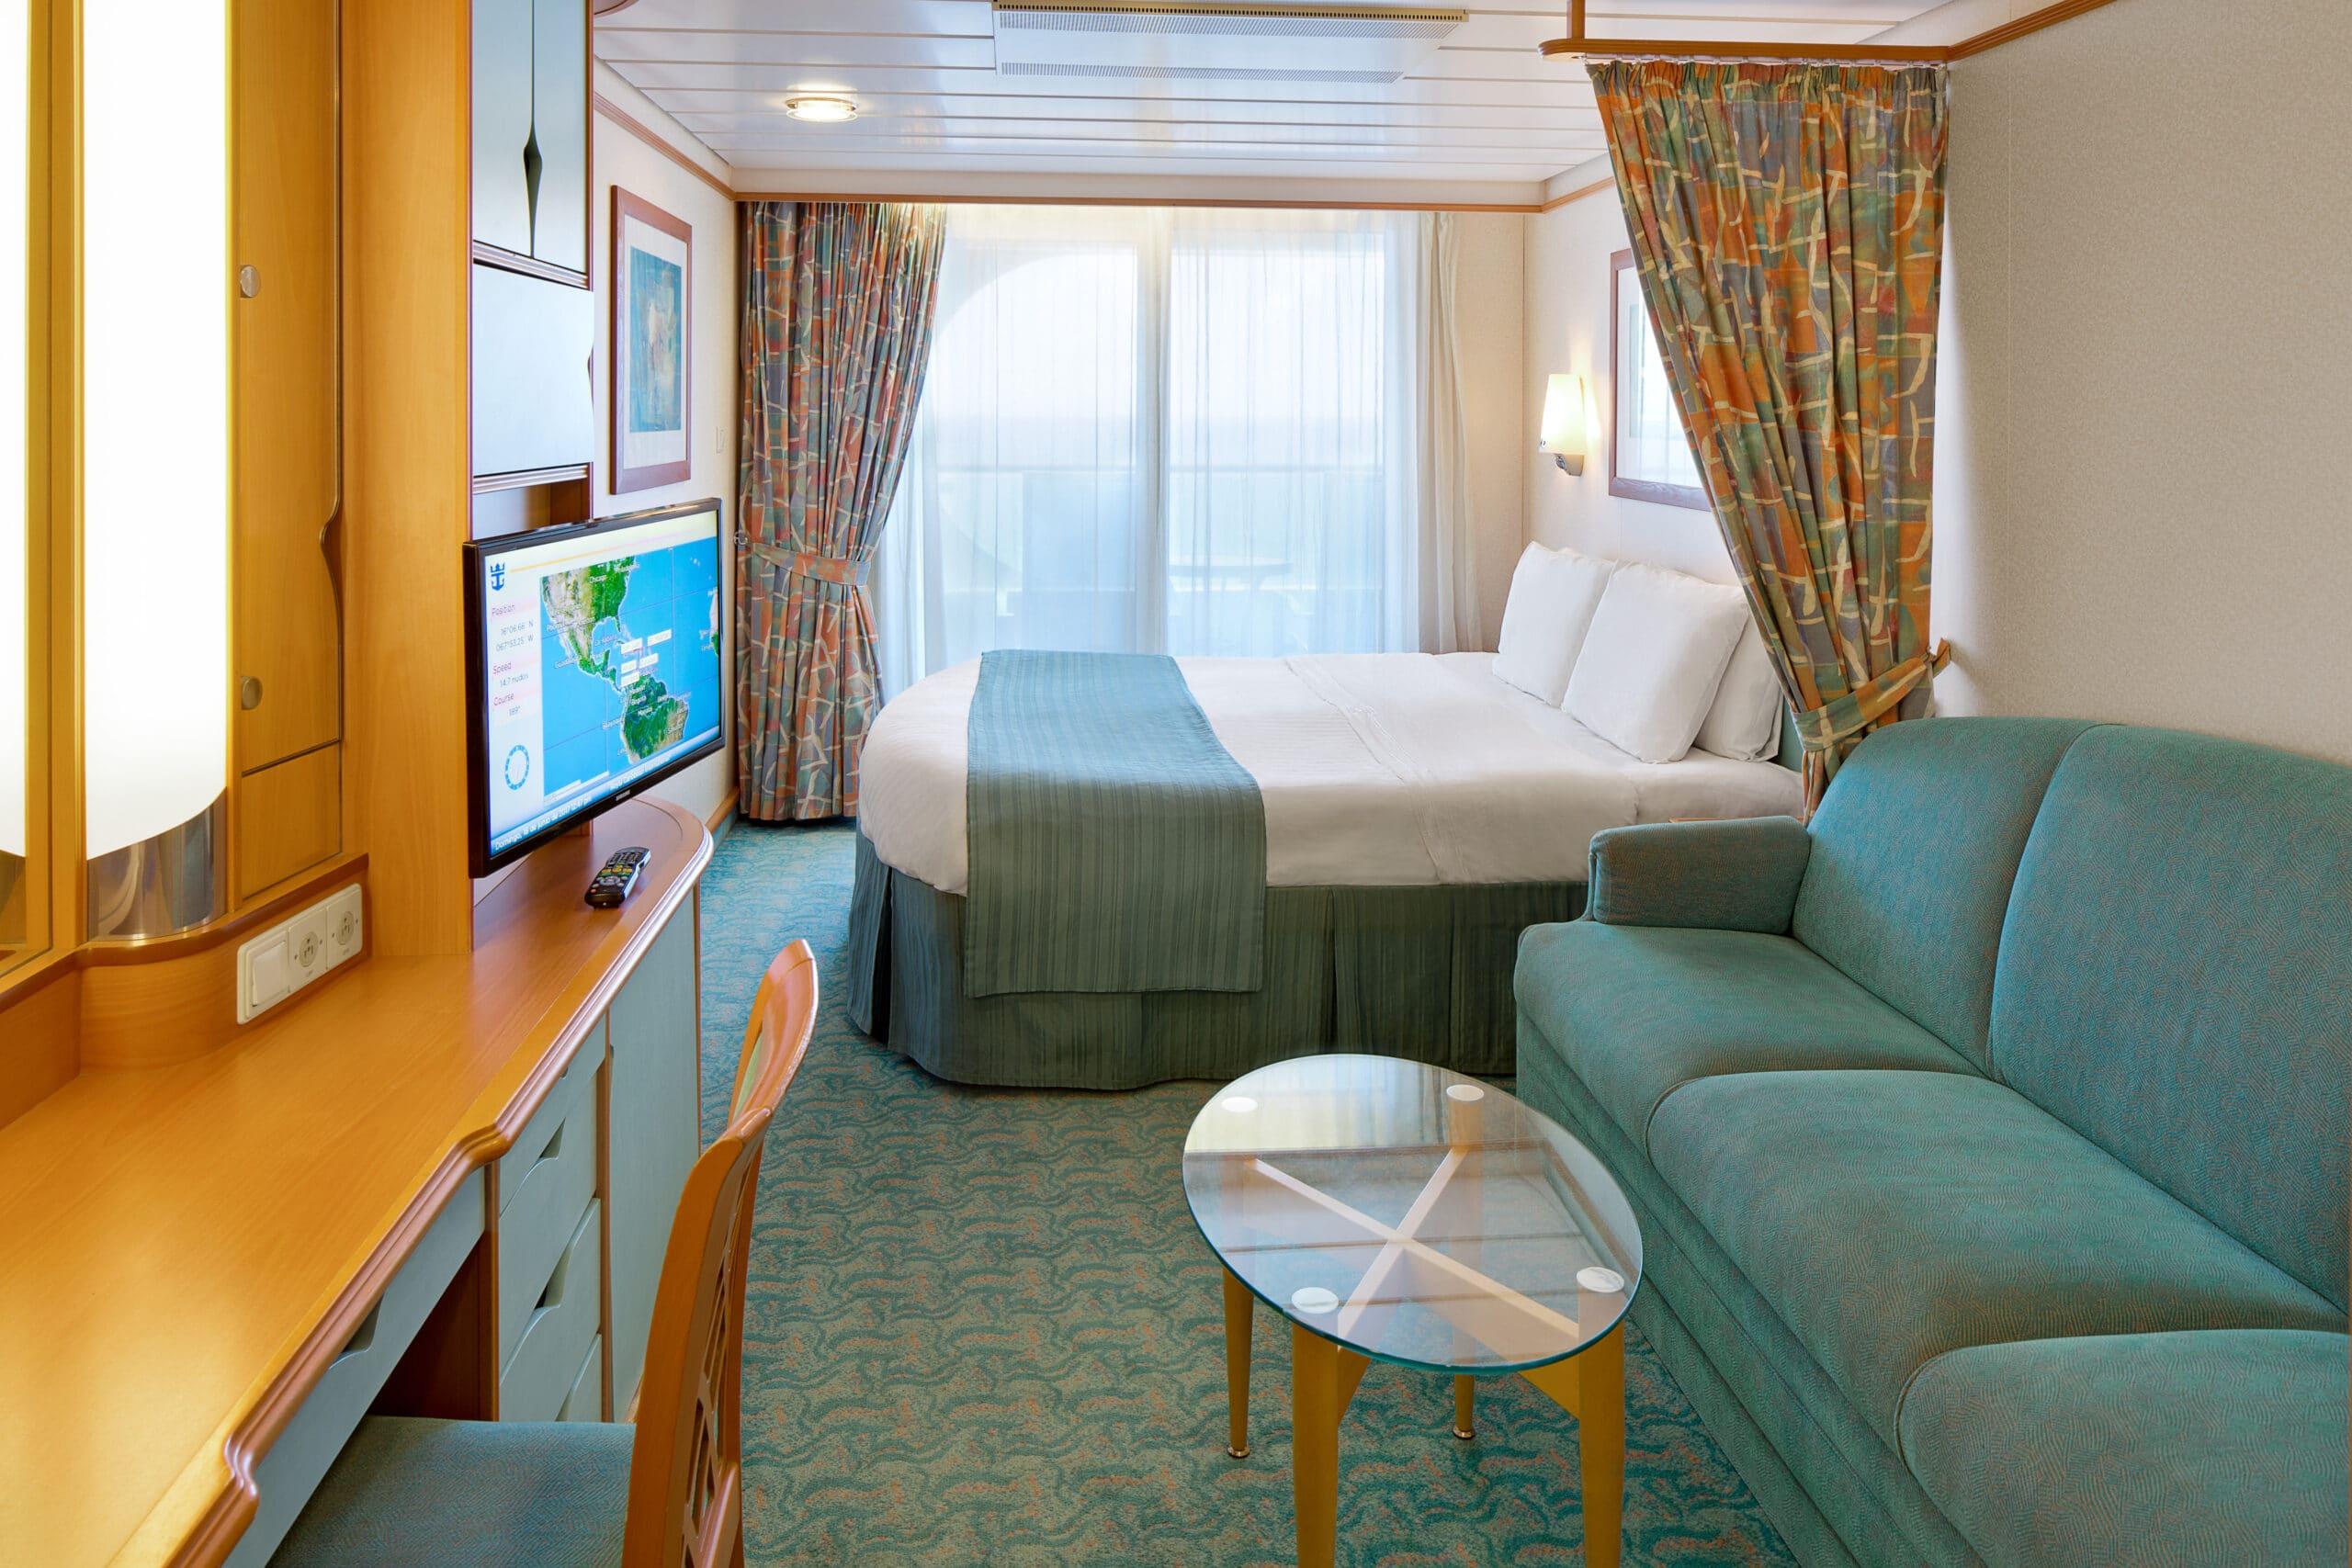 Royal-Caribbean-International-Adventure-of-the-Seas-schip-cruiseschip-categorie-1B-3B-2B-4B-6B-ruime-balkonhut